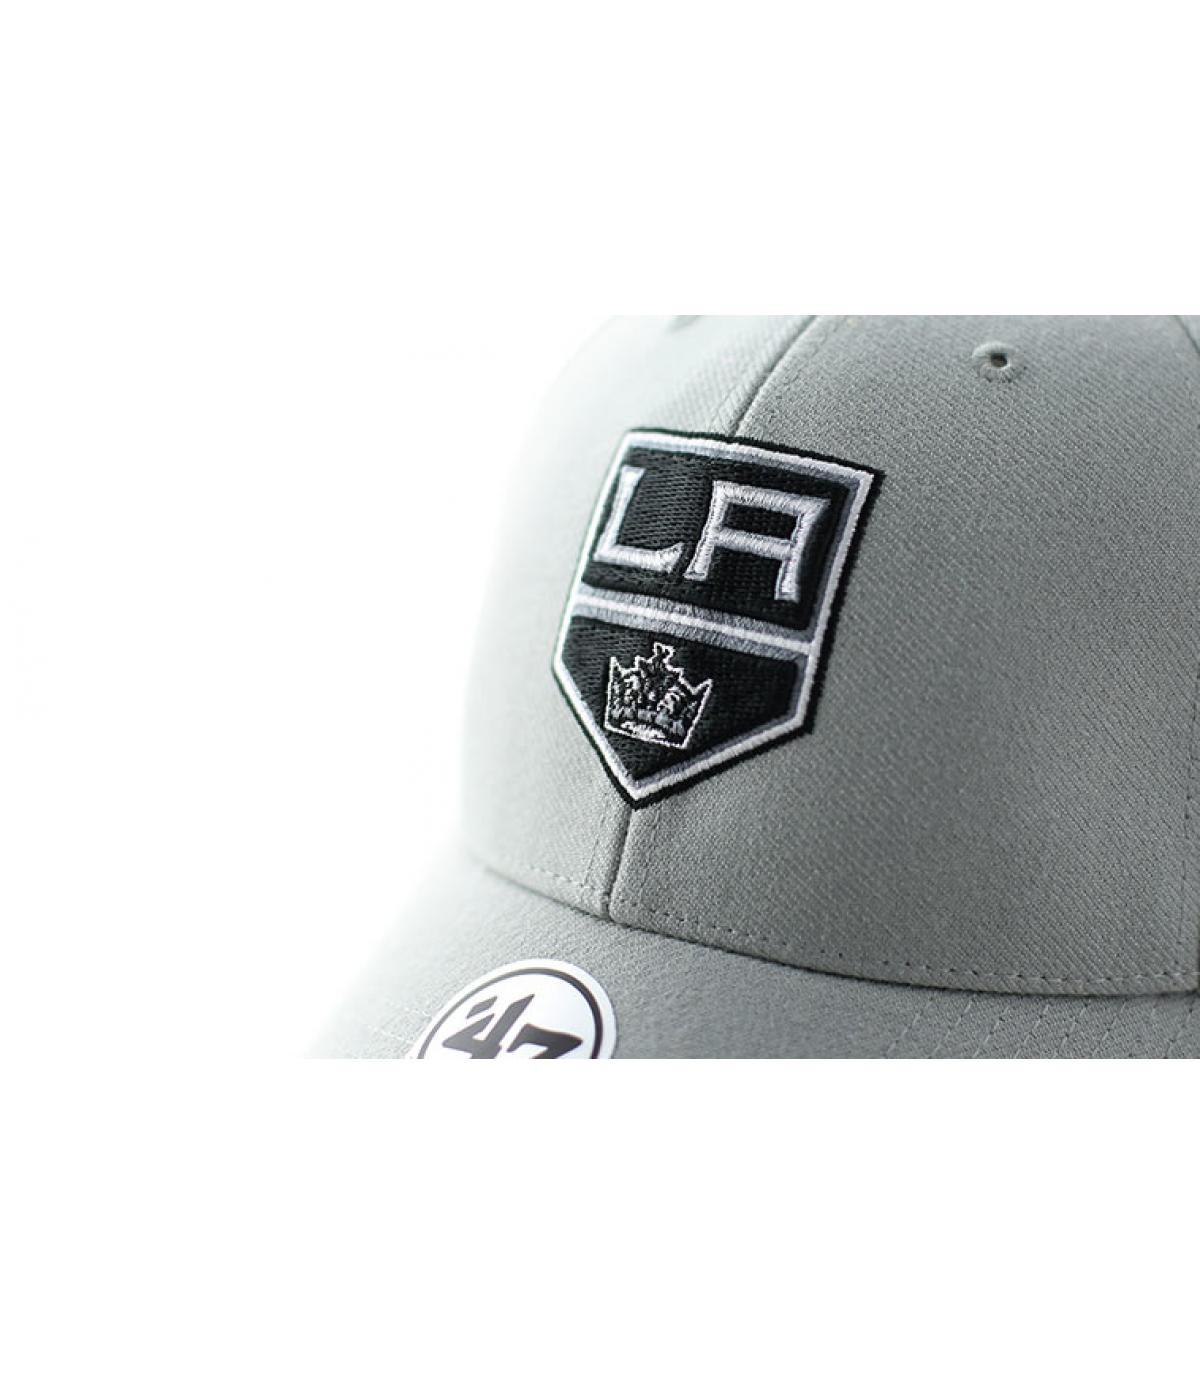 Detalles MVP LA Kings grey imagen 3